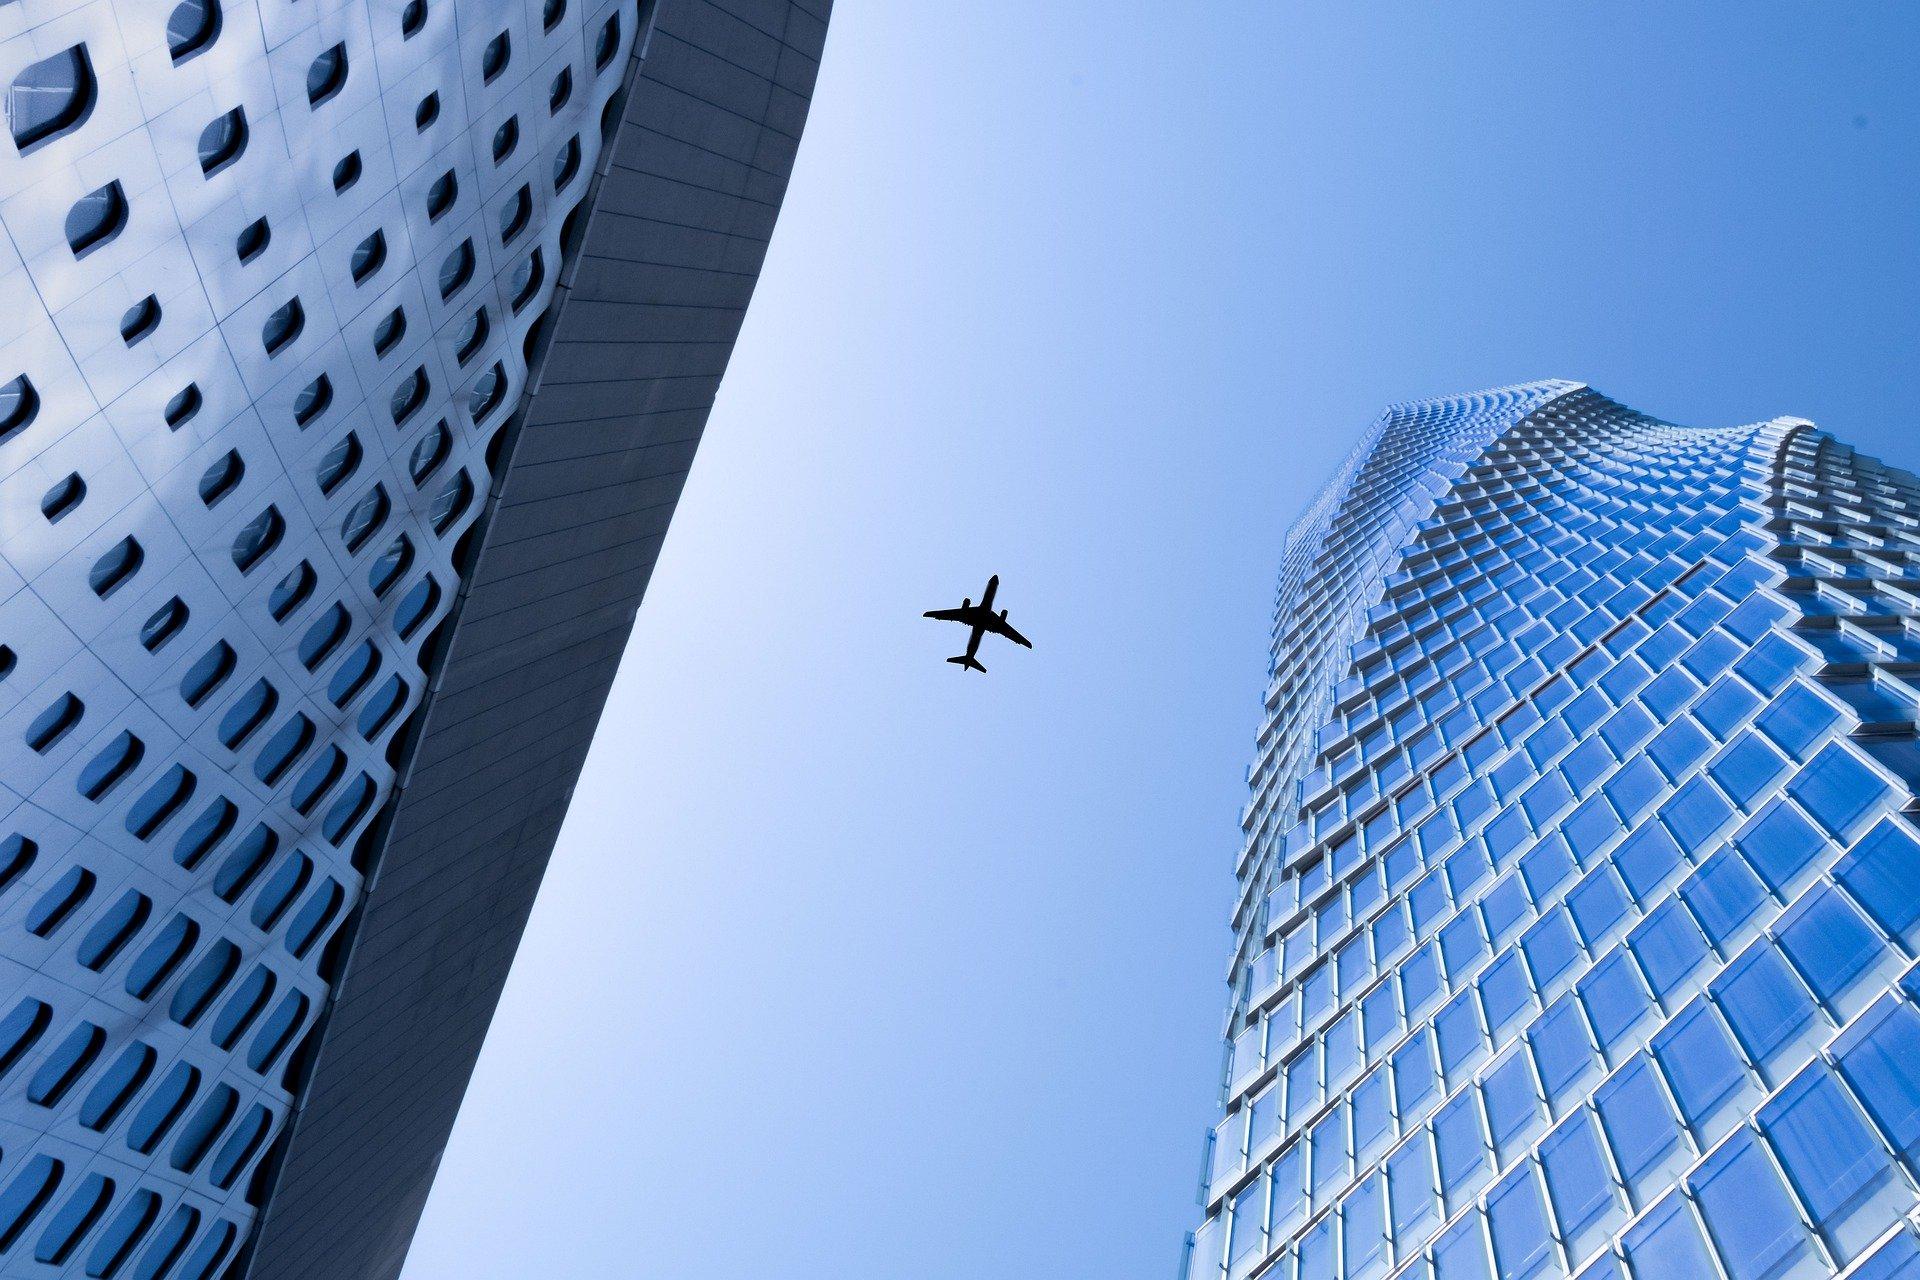 ГК «Самолет», вышедшая на IPO в прошлом году, за 9 месяцев увеличила продажи на 44%